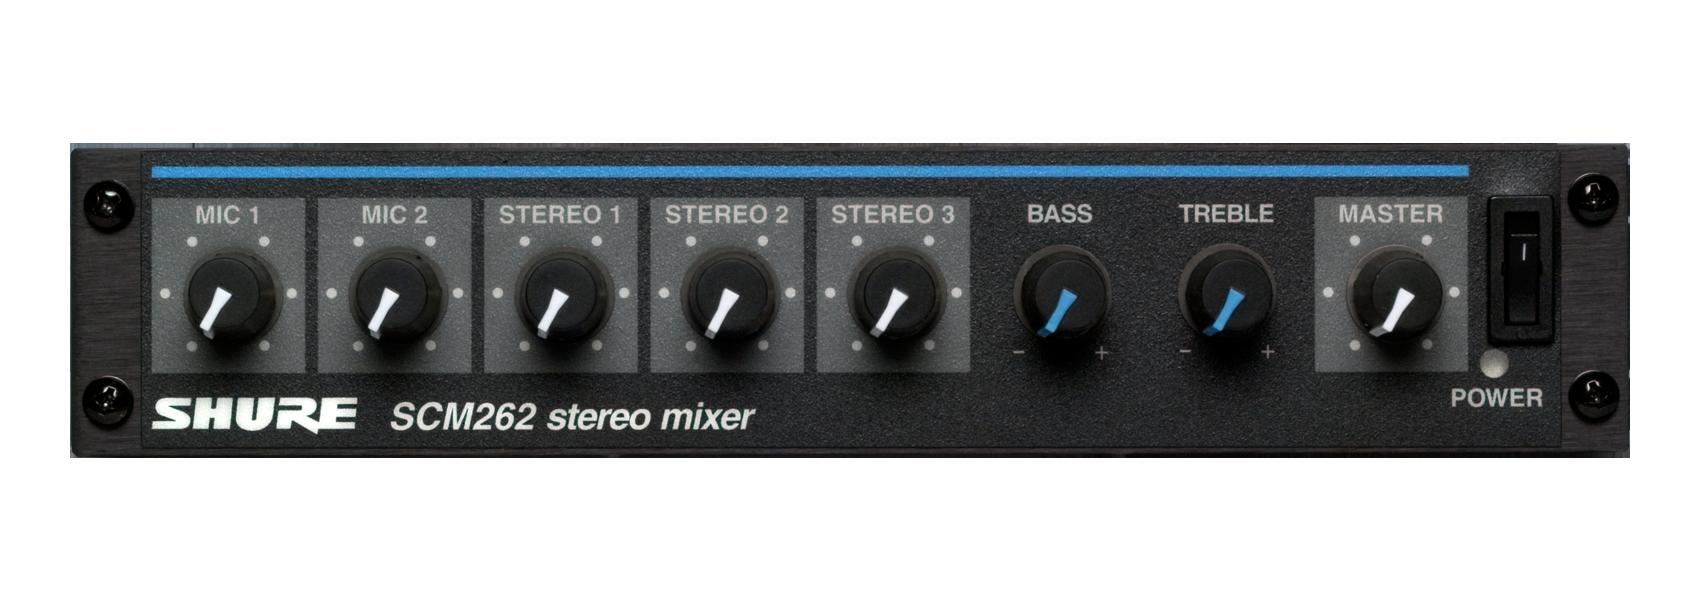 Ilustración Shure SCM262 Mezclador de micrófonos estéreo